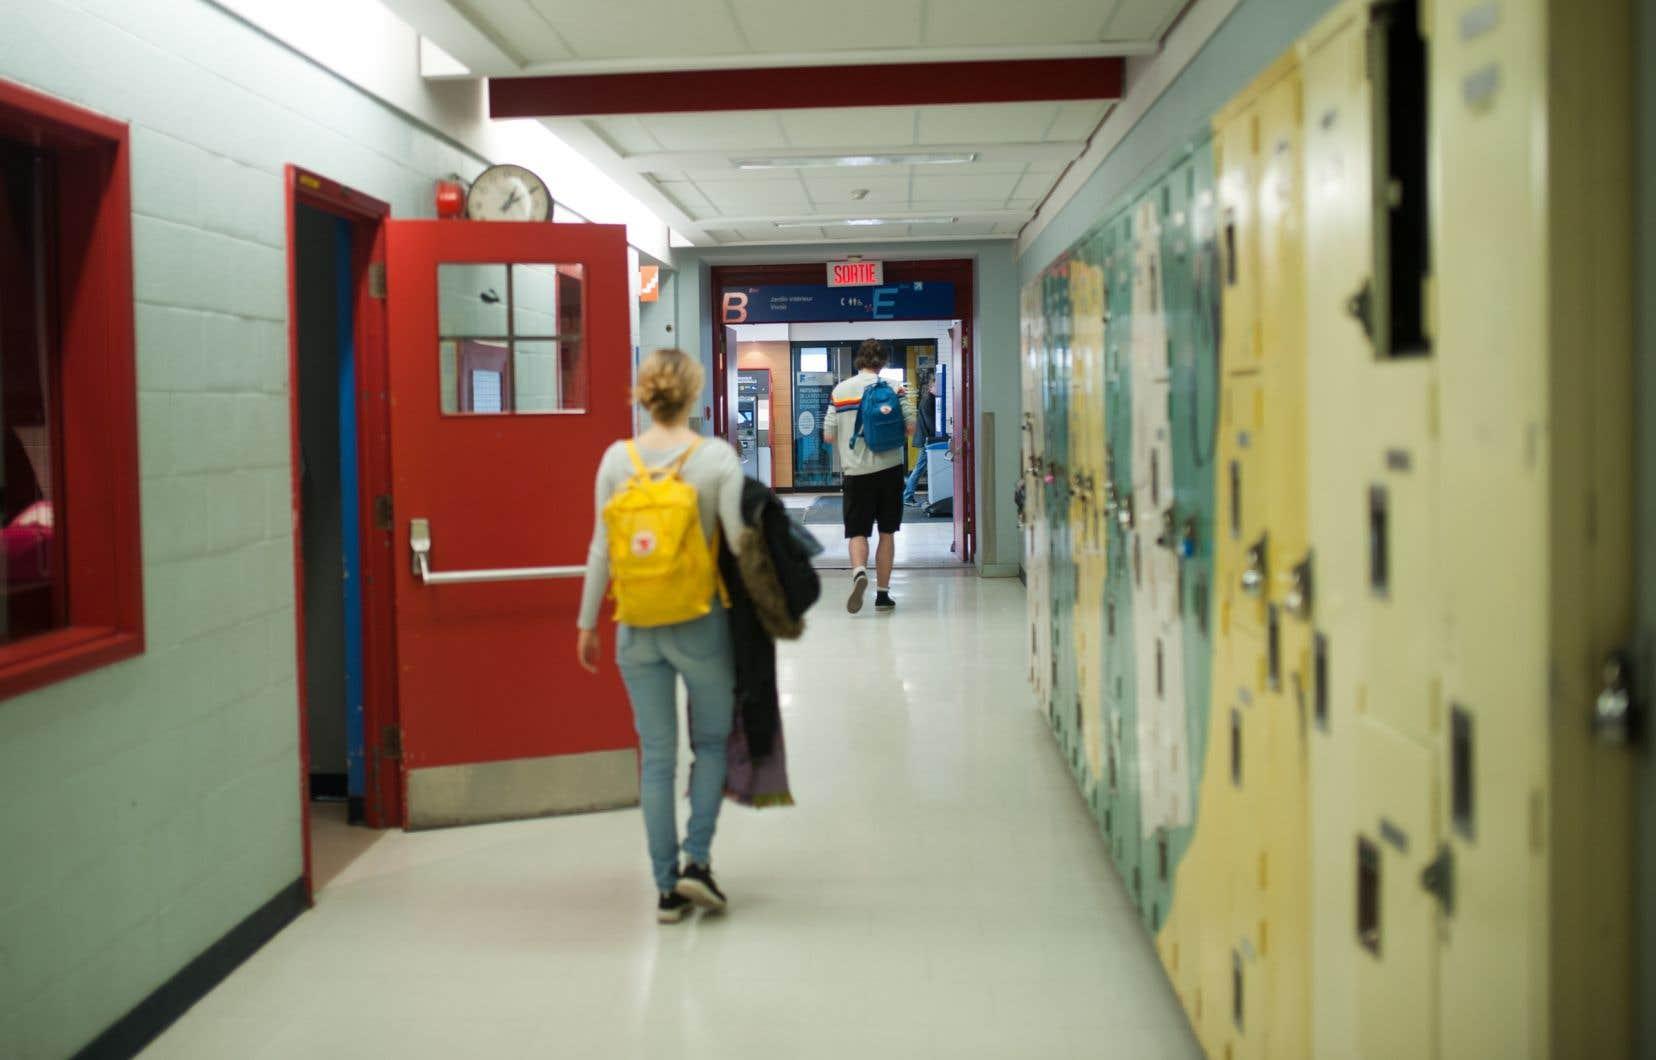 Selon les données préliminaires de la Fédération des cégeps, il y aurait 78449 étudiants qui entrent au cégep pour la première fois, une hausse de 0,7% par rapport à l'an passé.